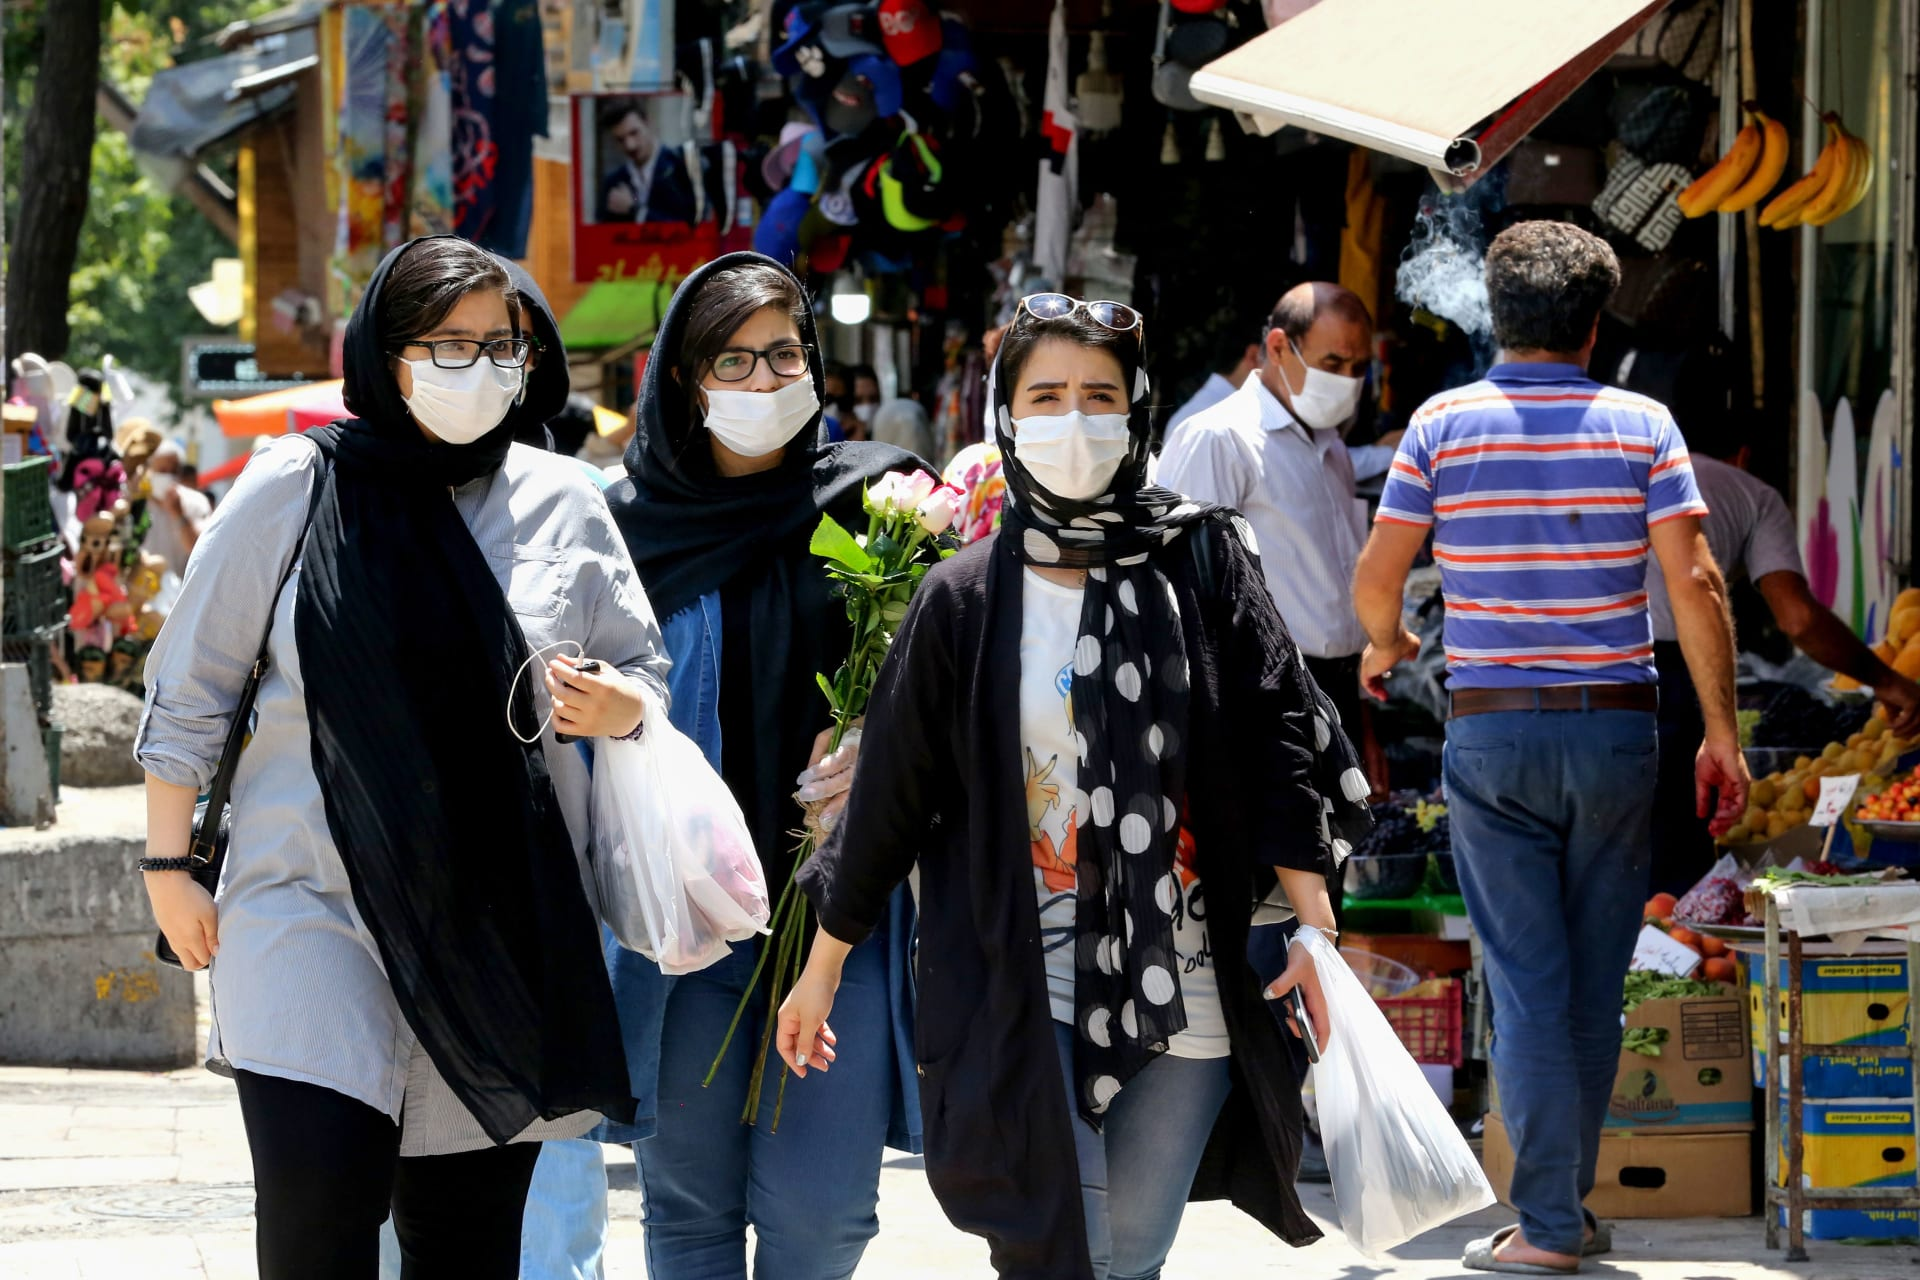 بعد تجاوز وفيات كورونا 28 ألفاً.. إيران: ارتداء الأقنعة أصبح إجباريًا في طهران